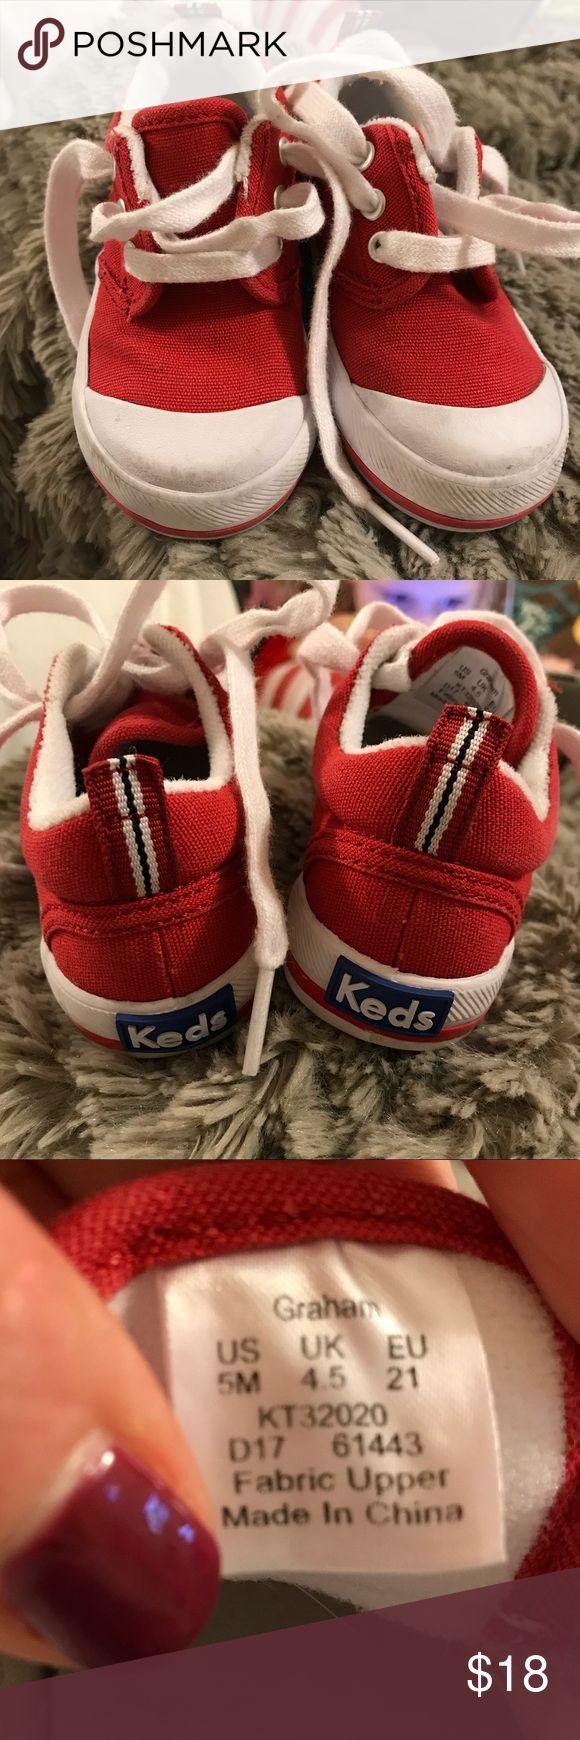 Kids size 5 red keds Like new red kids keds size 5 Keds Shoes